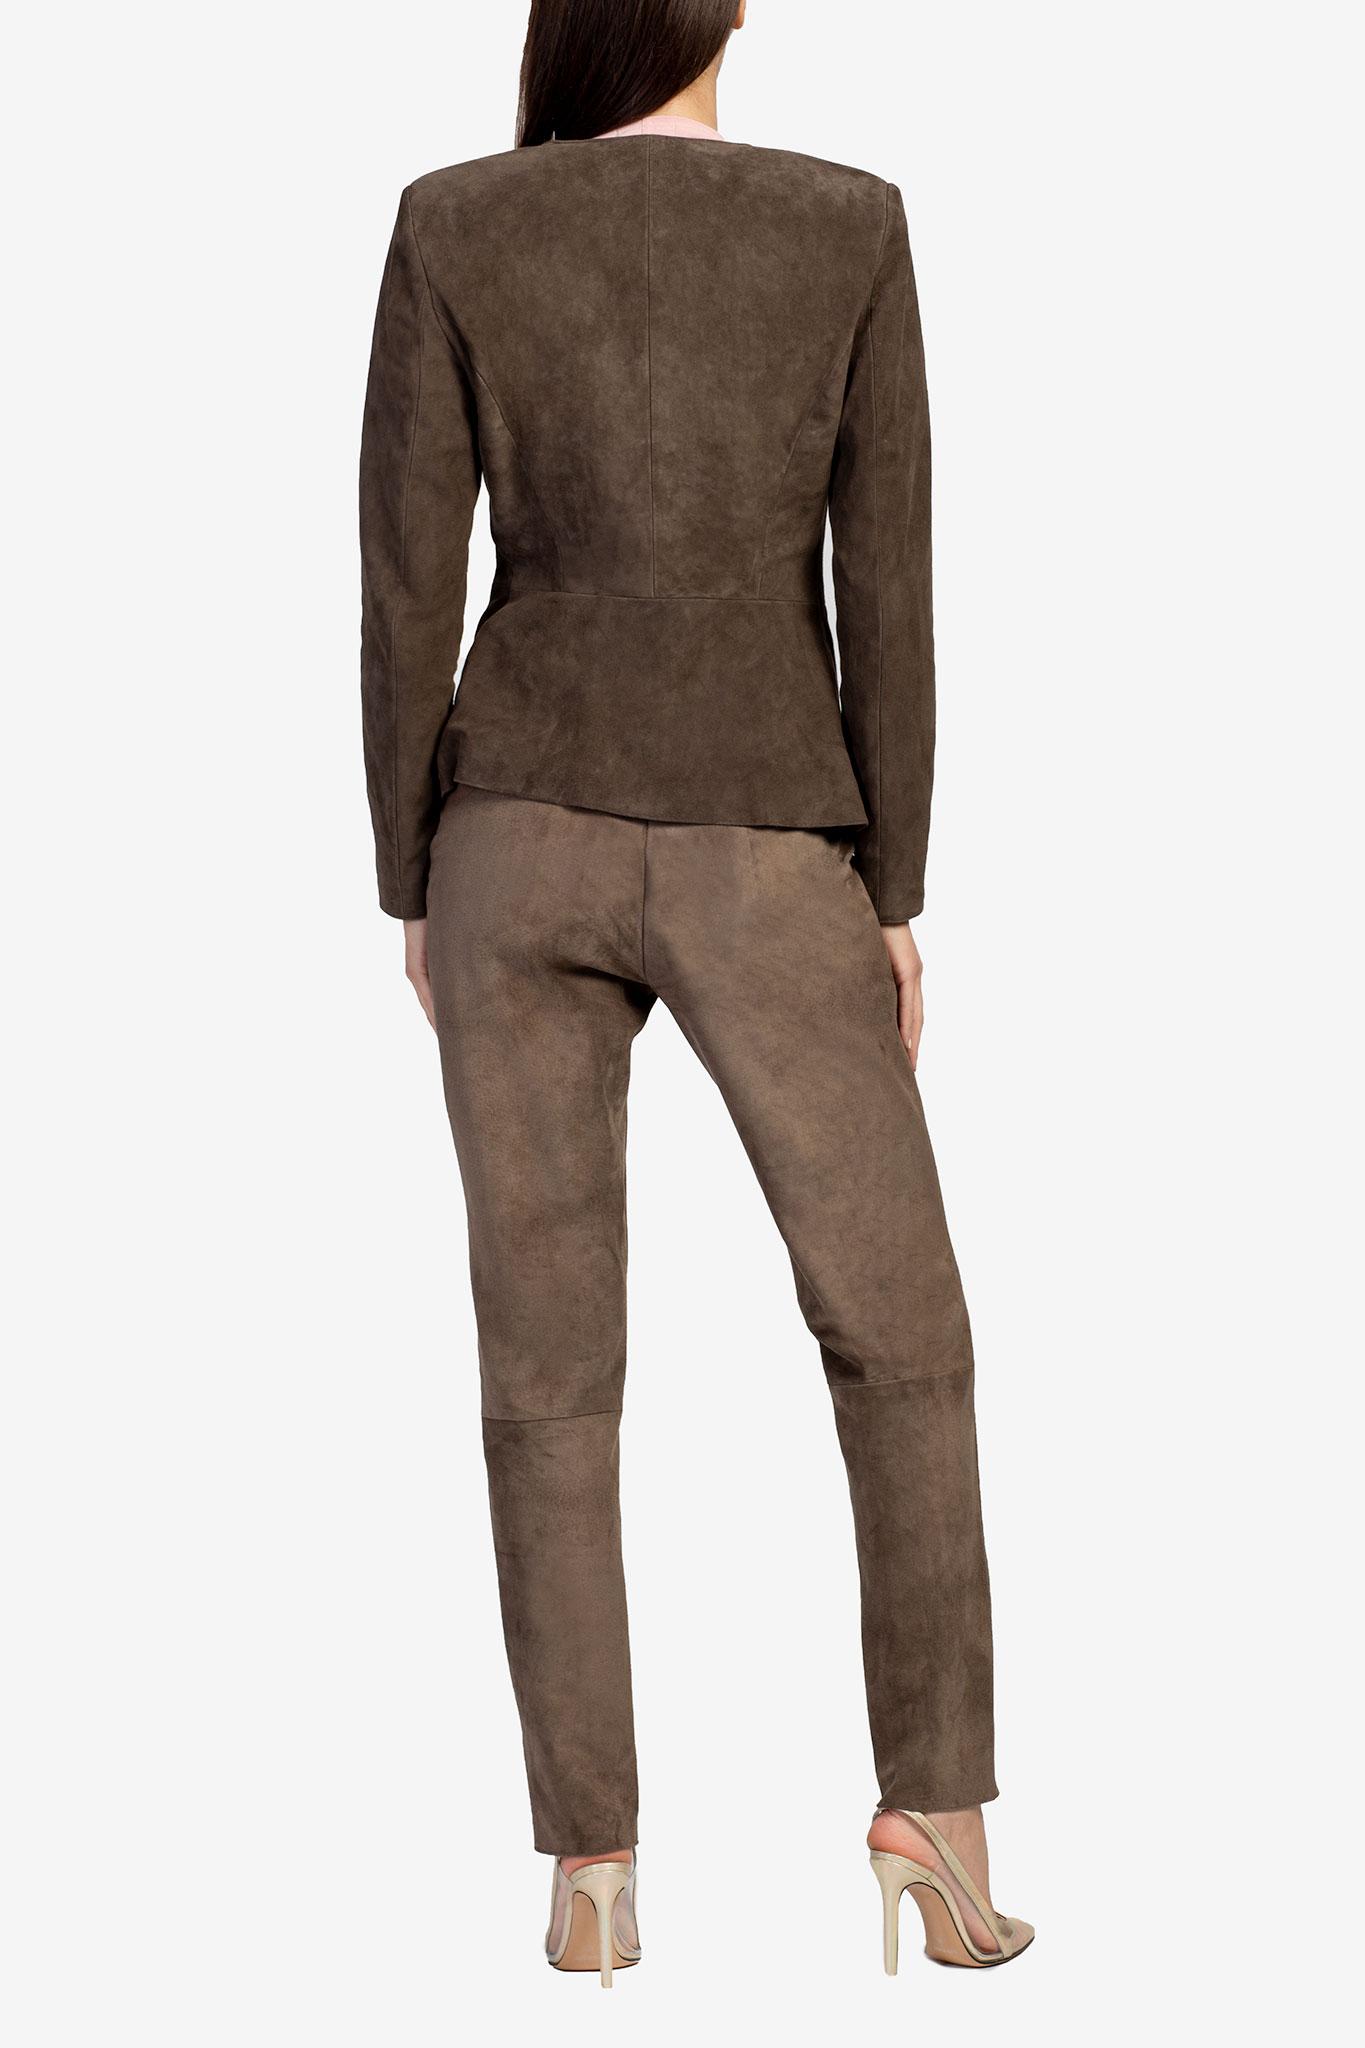 Pantaloni din piele intoarsa Acob a Porter imagine 1